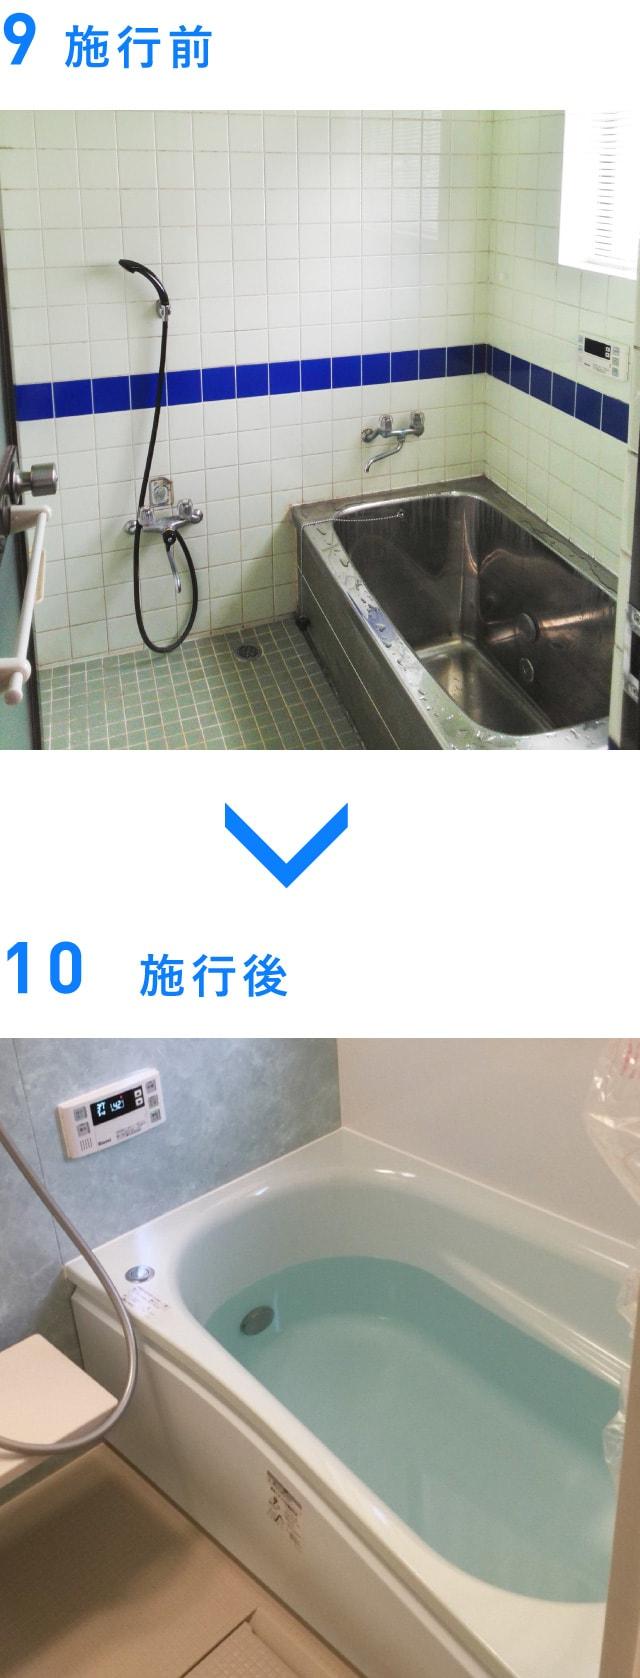 風呂工事の手順